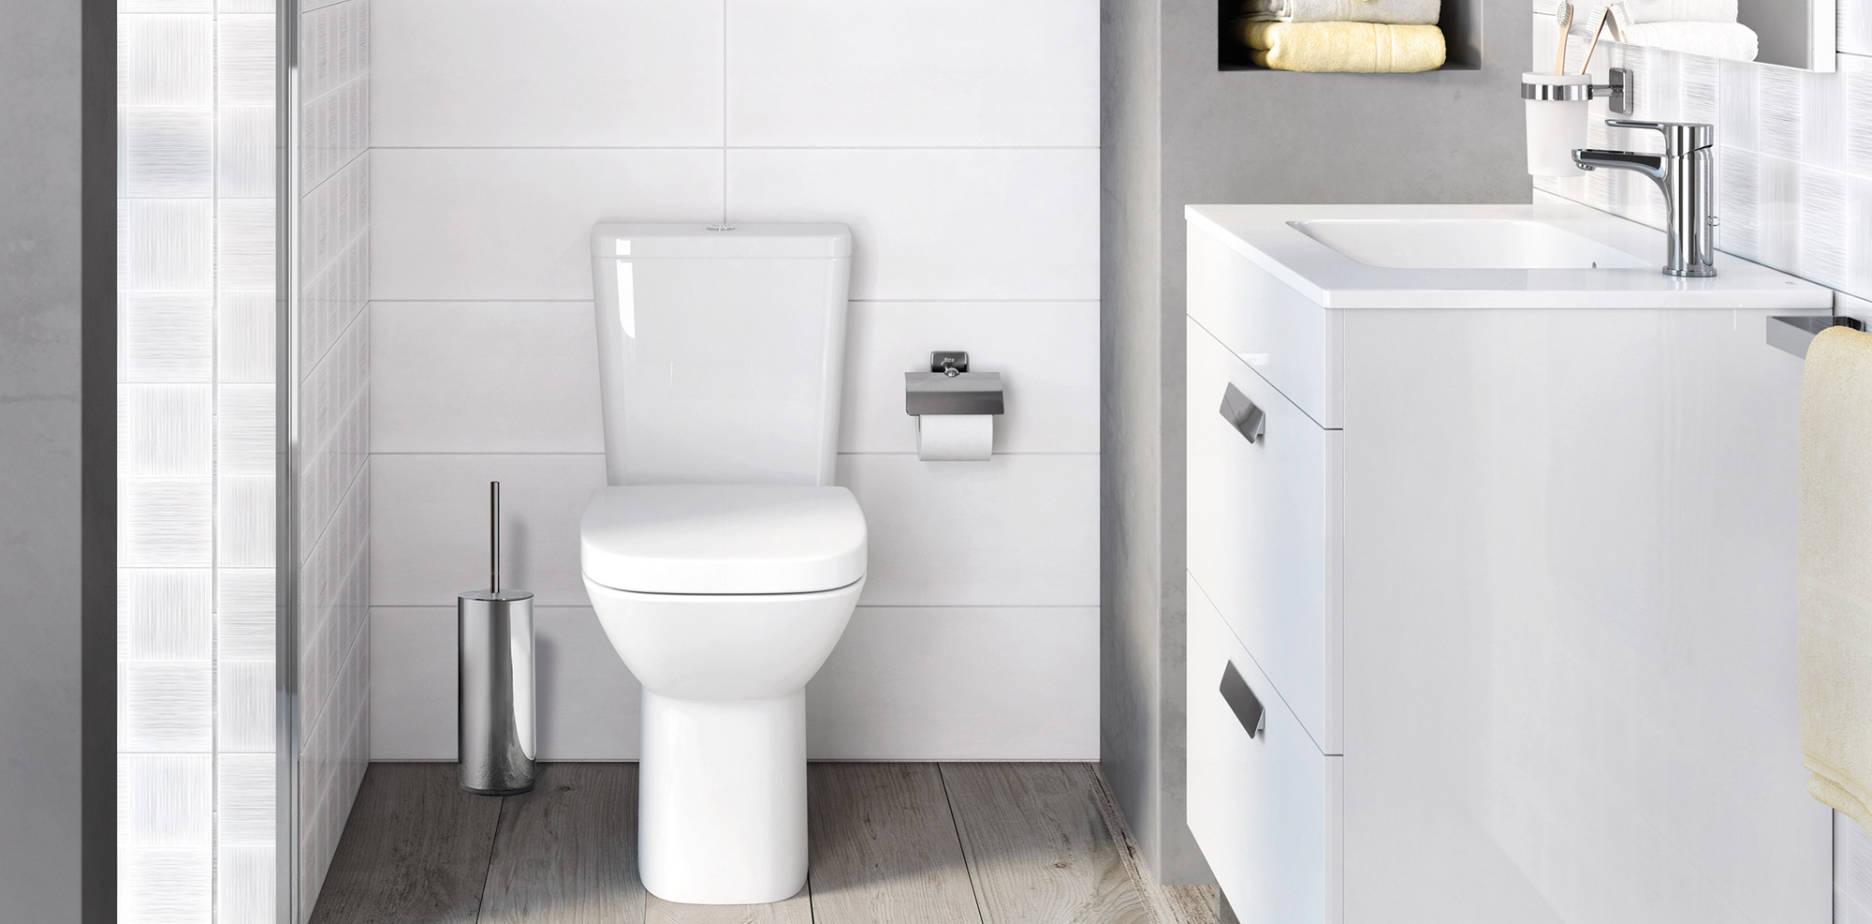 Baños pequeños | Ideas y consejos para baños pequeños | Roca ...